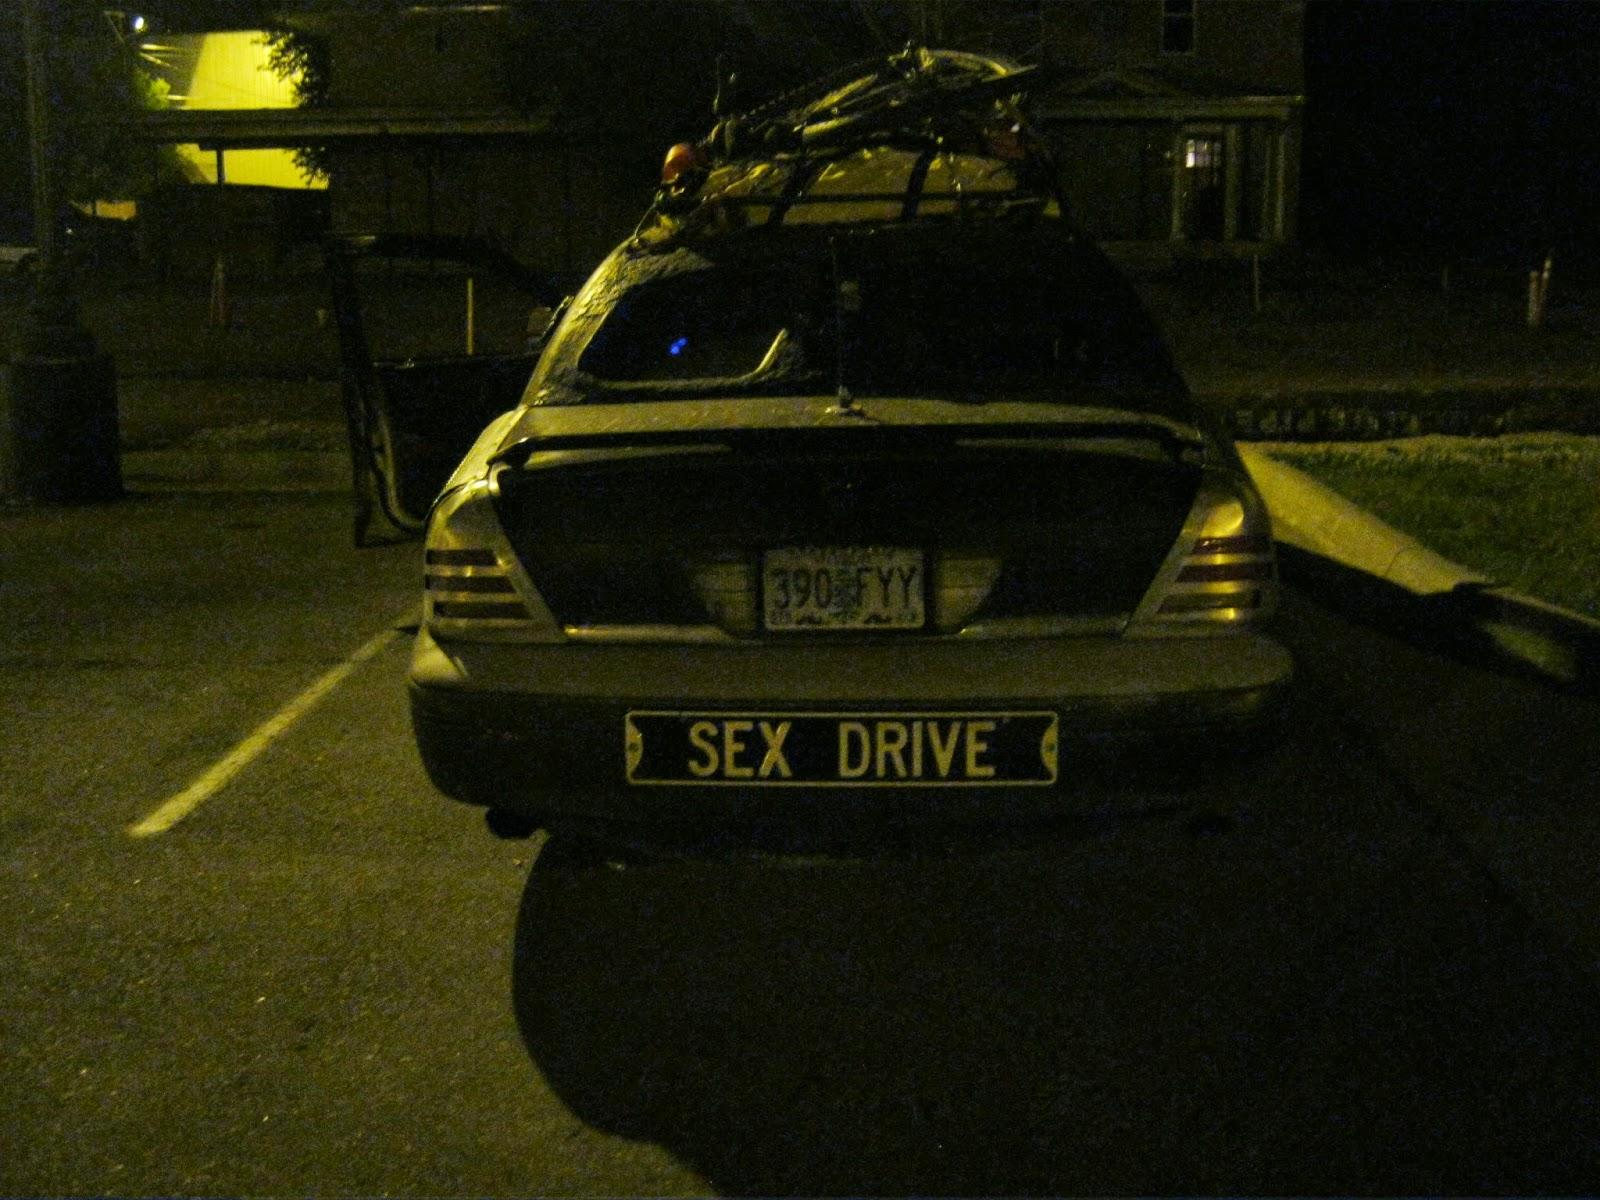 Herkster's car